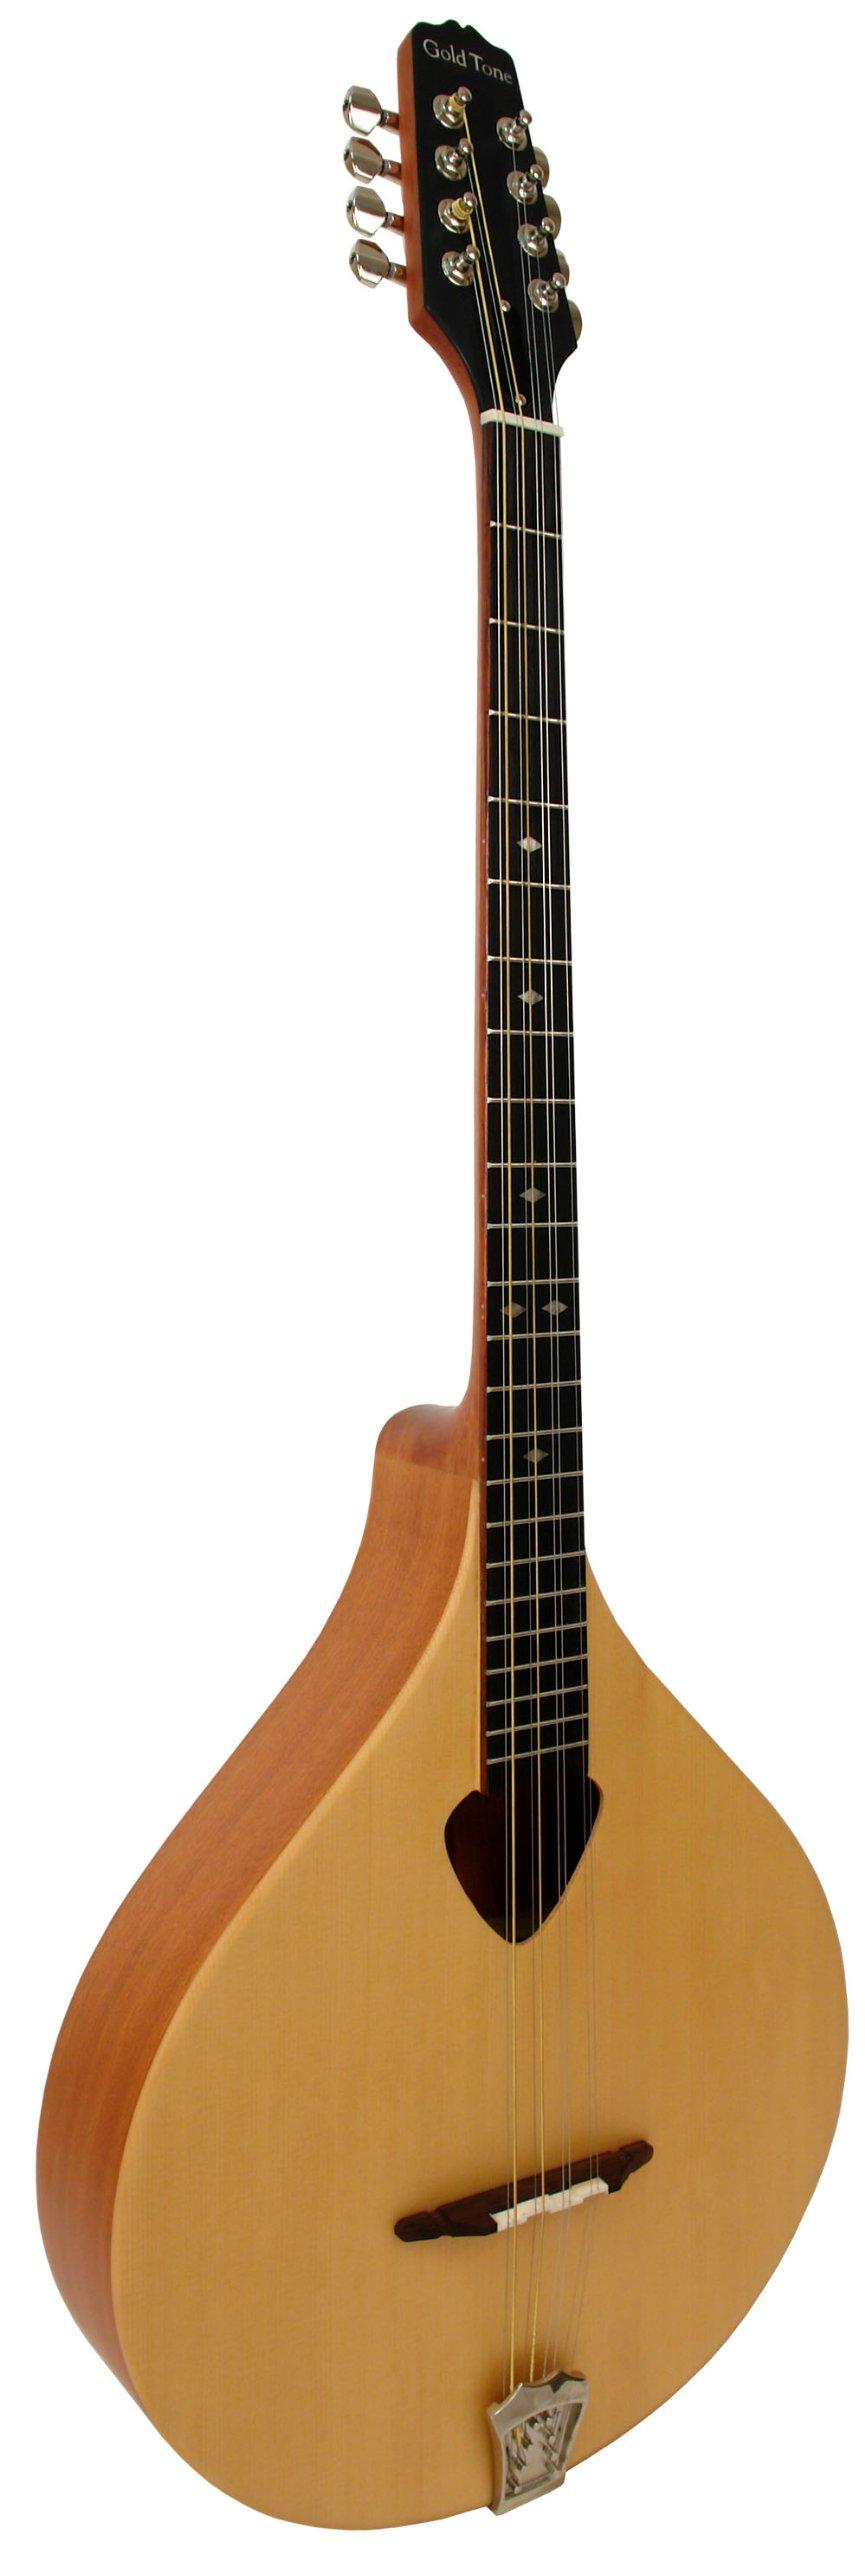 Gold Tone BZ-500 Bouzouki